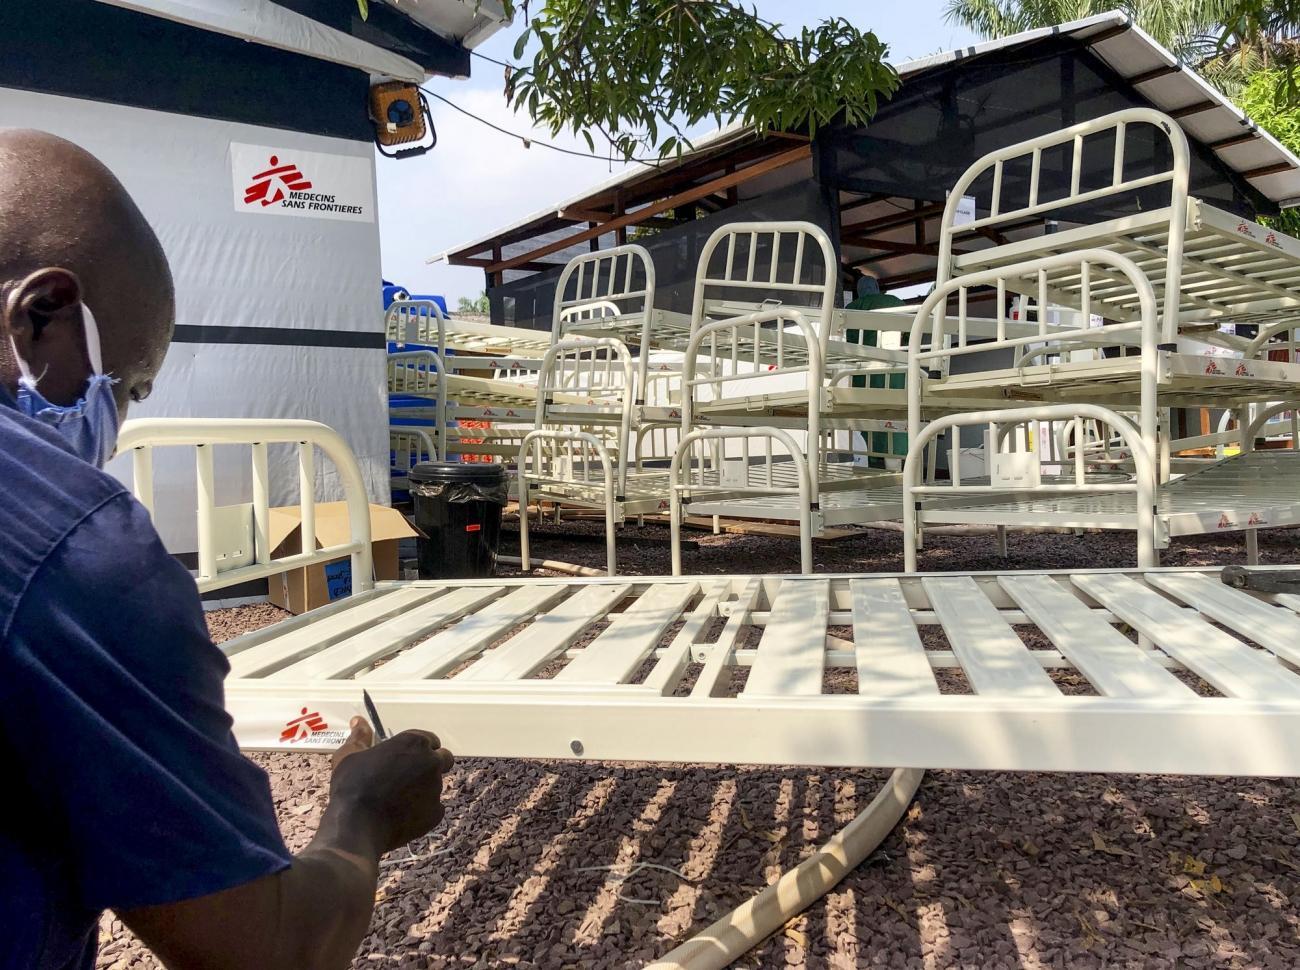 Un personnel MSF apporte des lits pour installer l'unité de traitement Covid dans l'hôpital Saint-Joseph. Mai 2020.  © MSF/Anne Boher